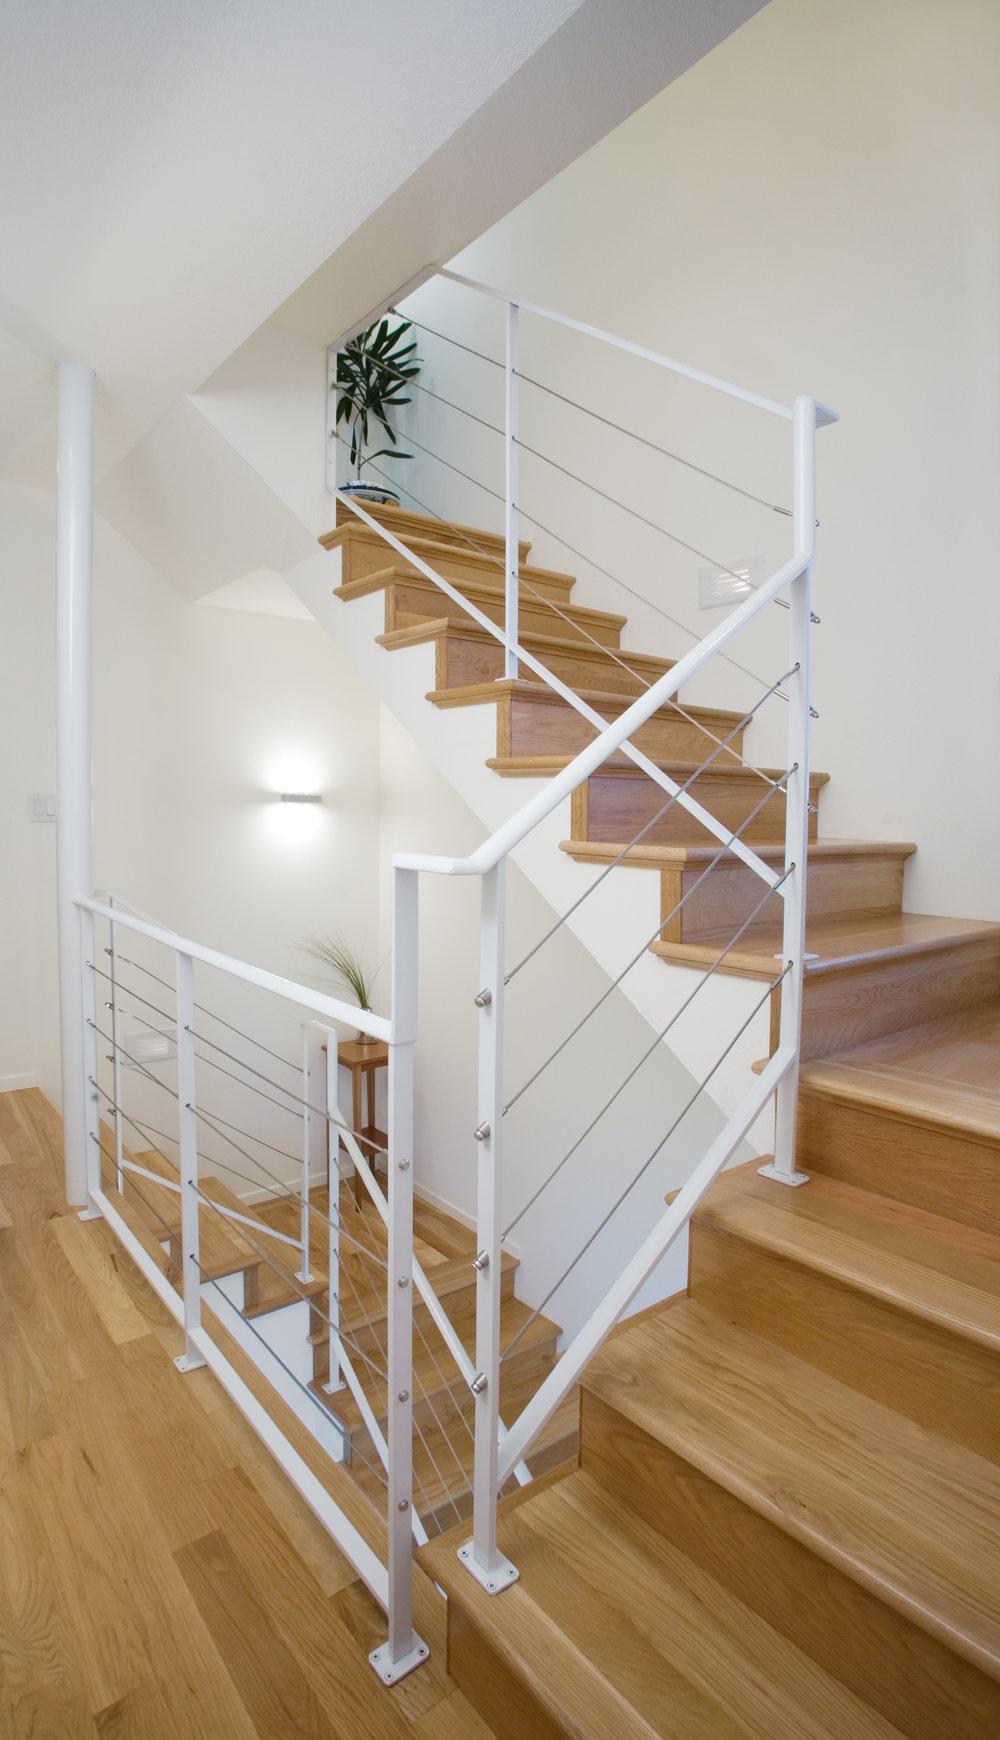 AJ-stair.jpg